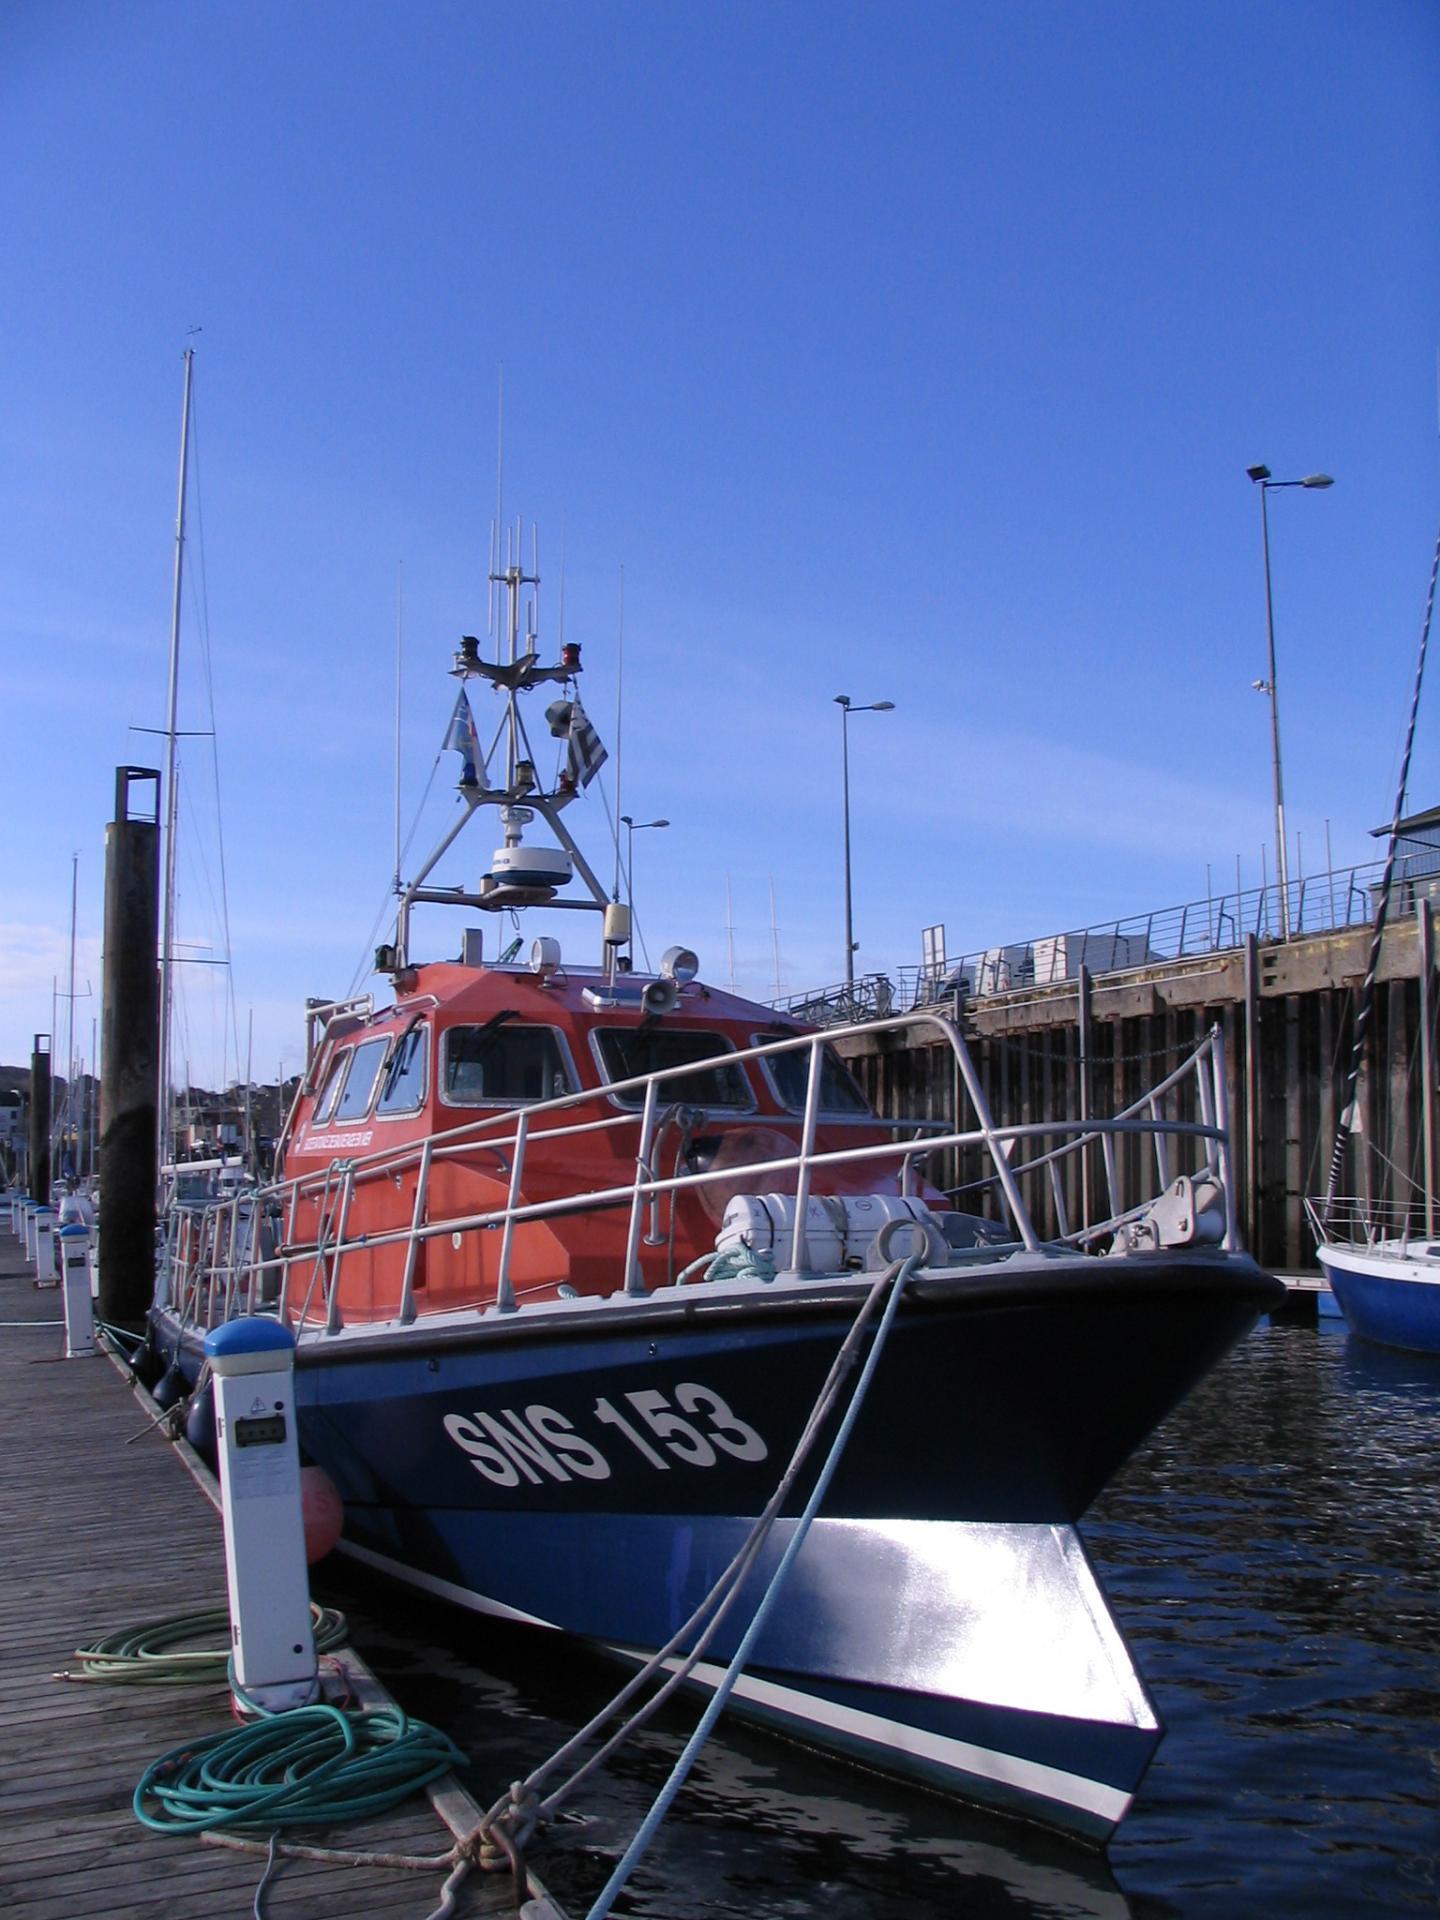 Penn sardin dz